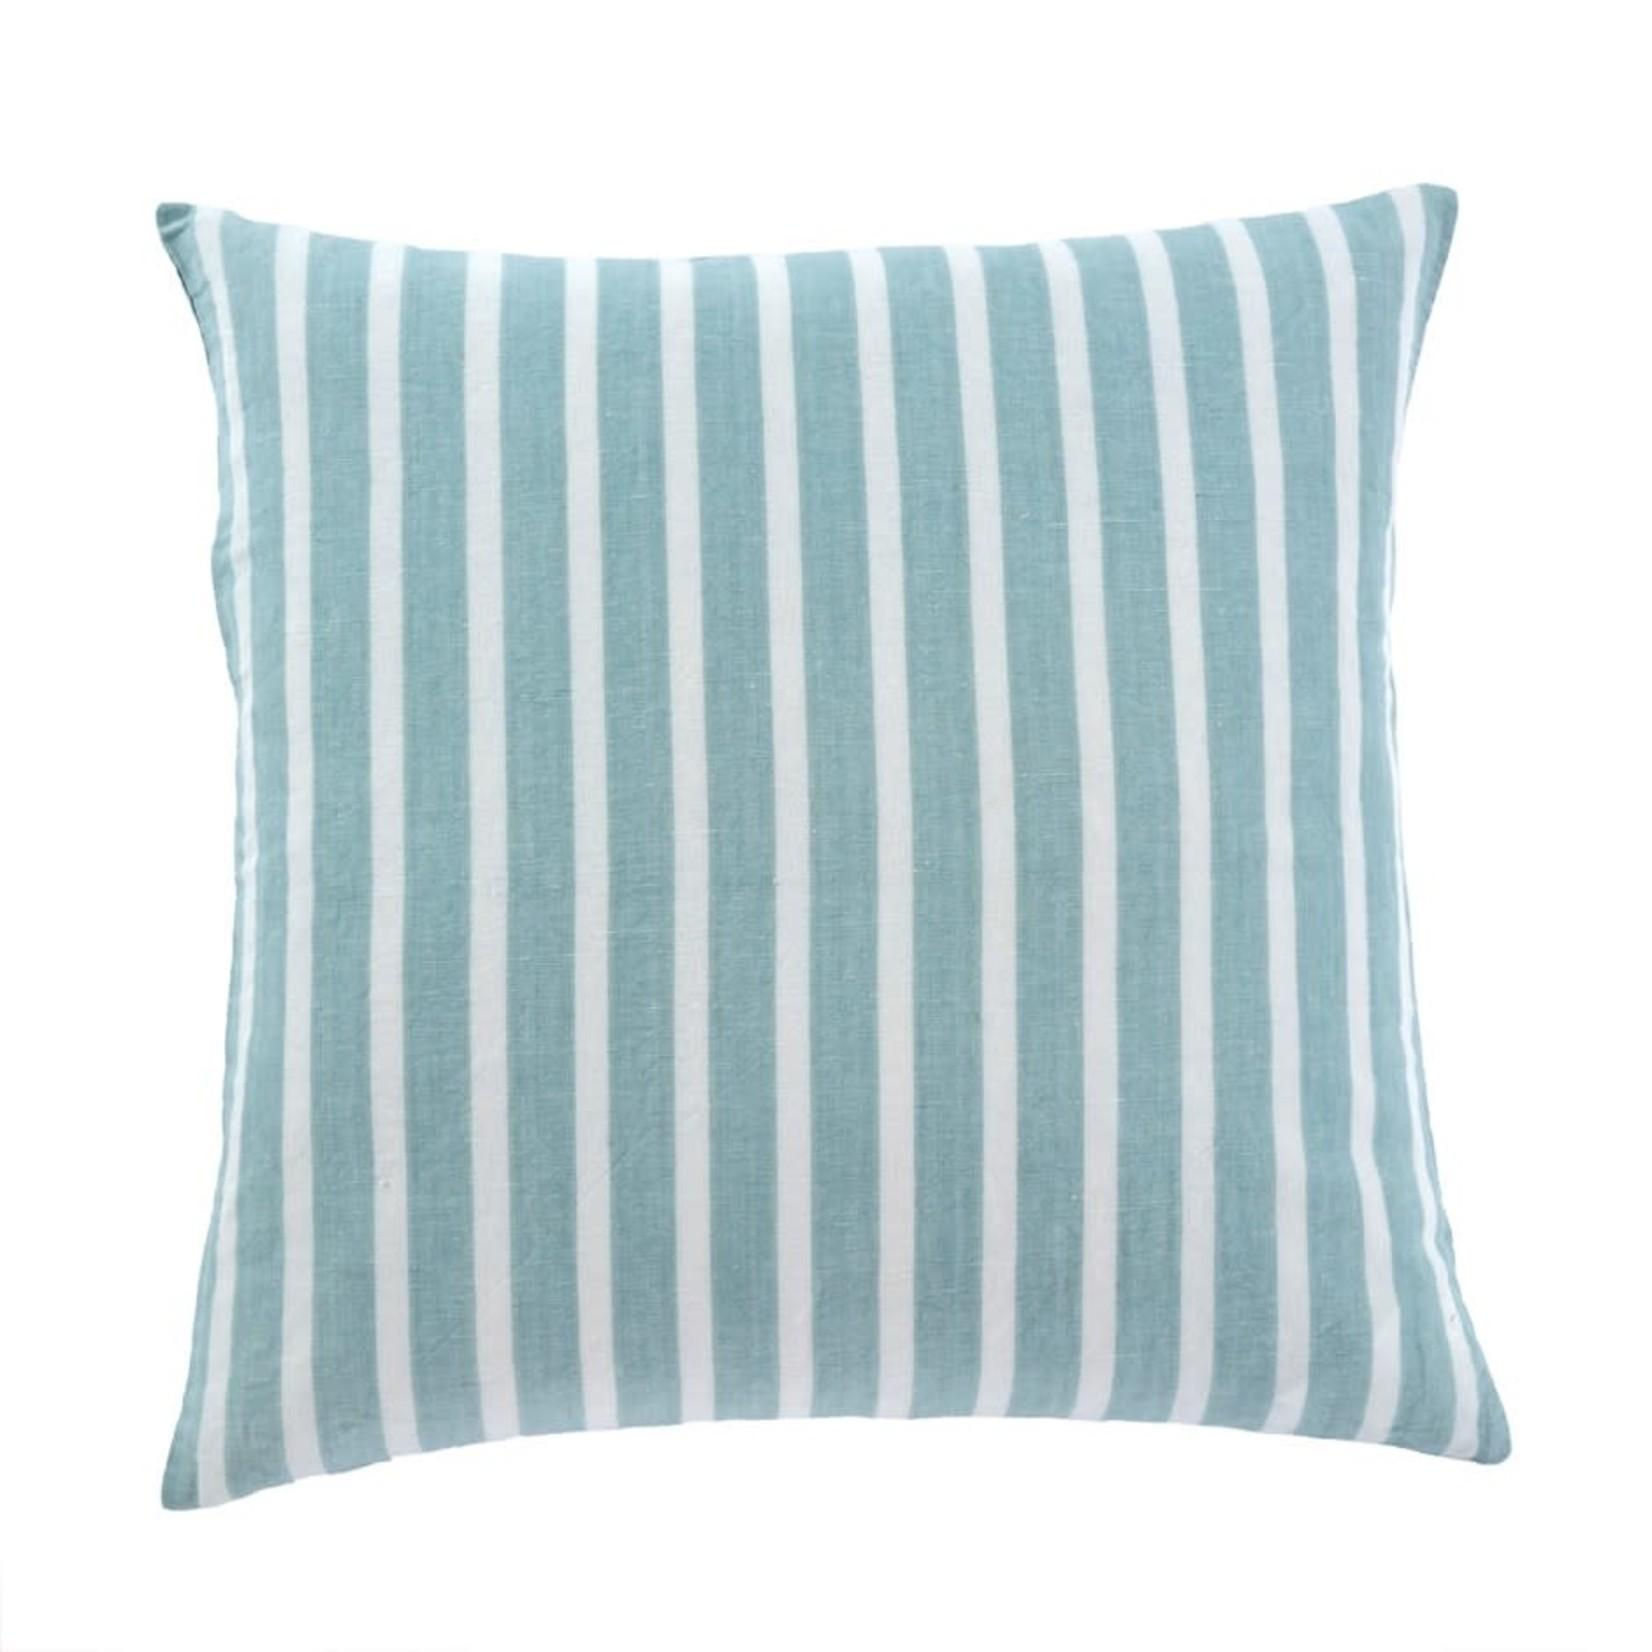 Positano Pillow, Seafoam